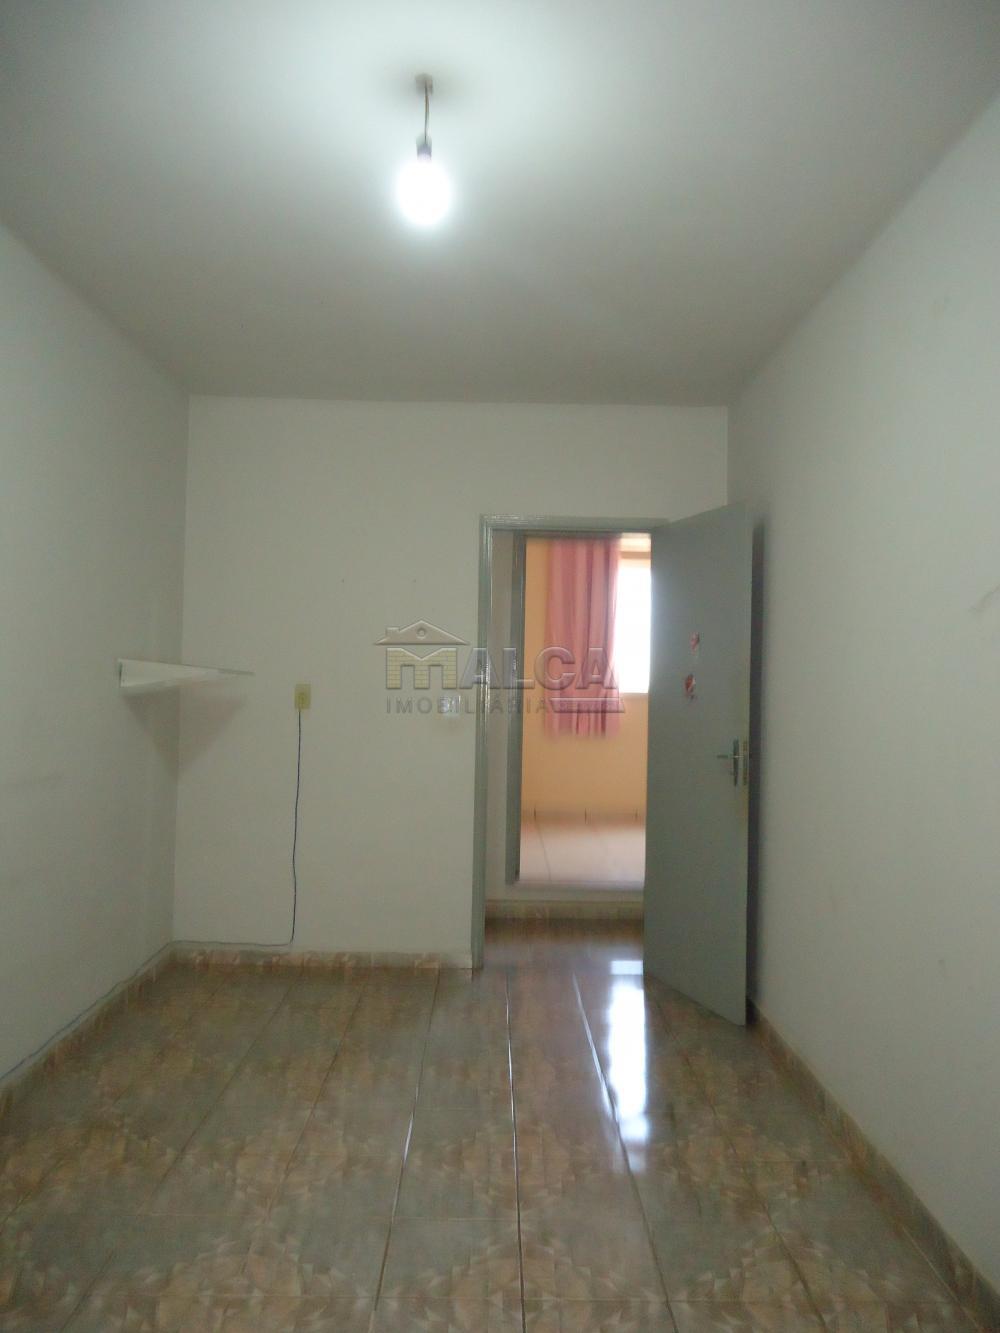 Alugar Casas / Padrão em São José do Rio Pardo apenas R$ 670,00 - Foto 28